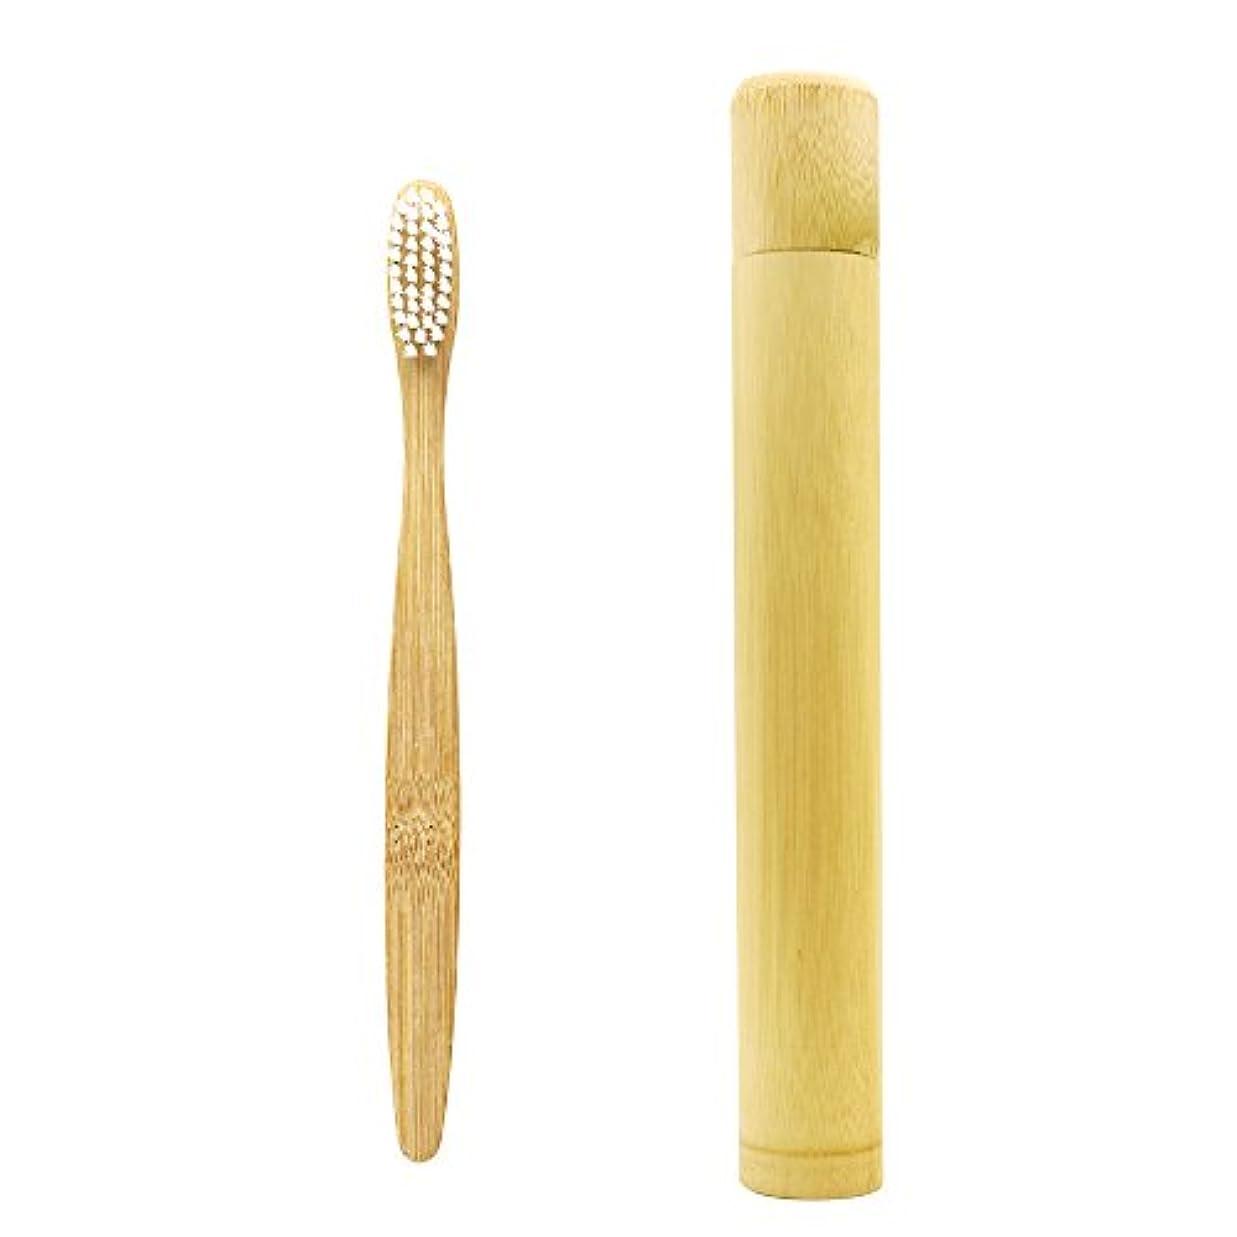 平凡するだろうモーテルN-amboo 竹製耐久度高い 白い歯ブラシ 携帯用 ケース付き セット 軽量 携帯便利 出張旅行